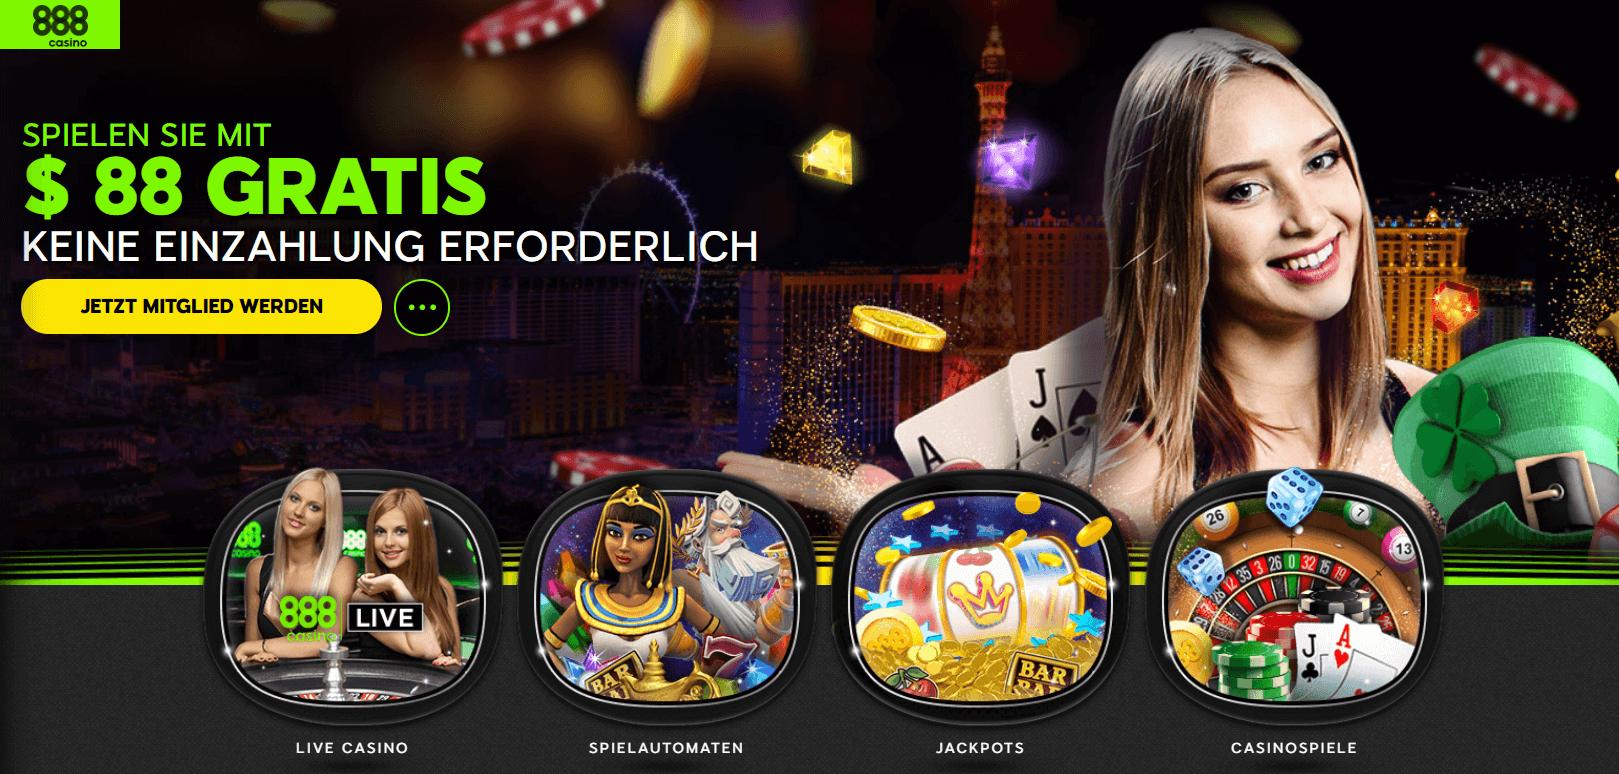 Online Casino Deutschland Willkommensbonus